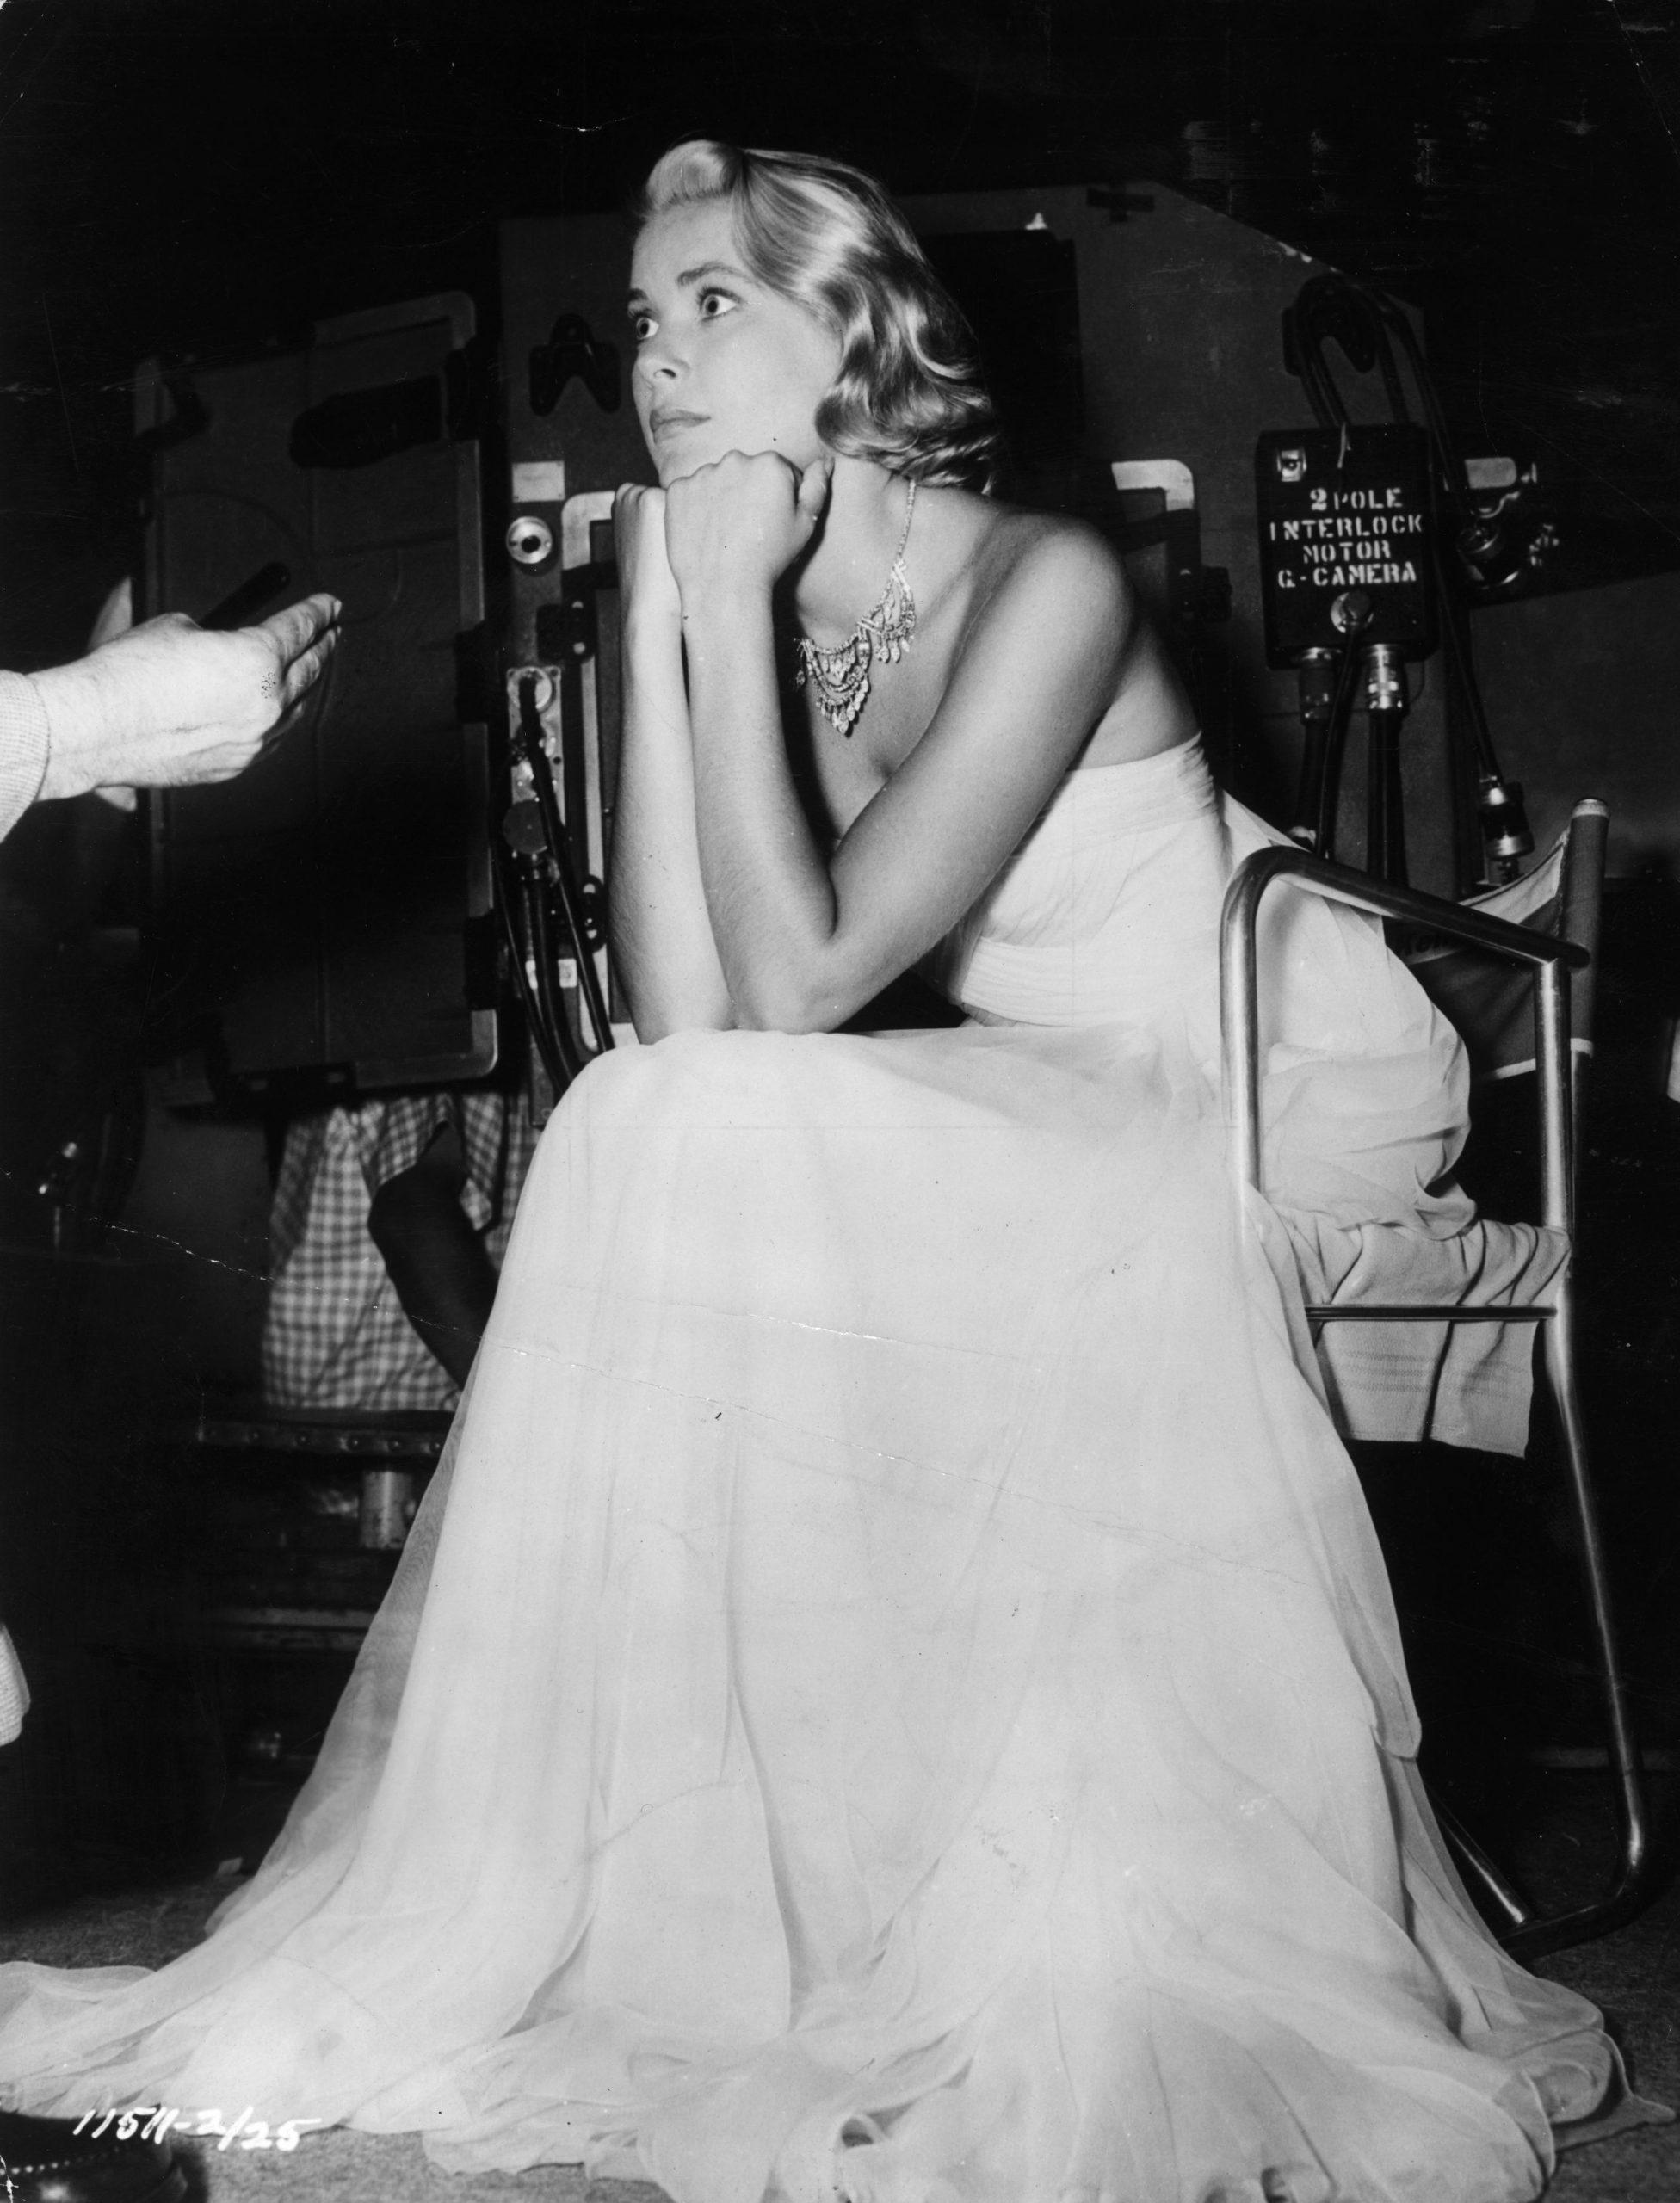 Grace Kelly en el set de 'To Catch a Prince', rodaje en el que conoció al Príncipe Rainiero / Foto: Getty Images